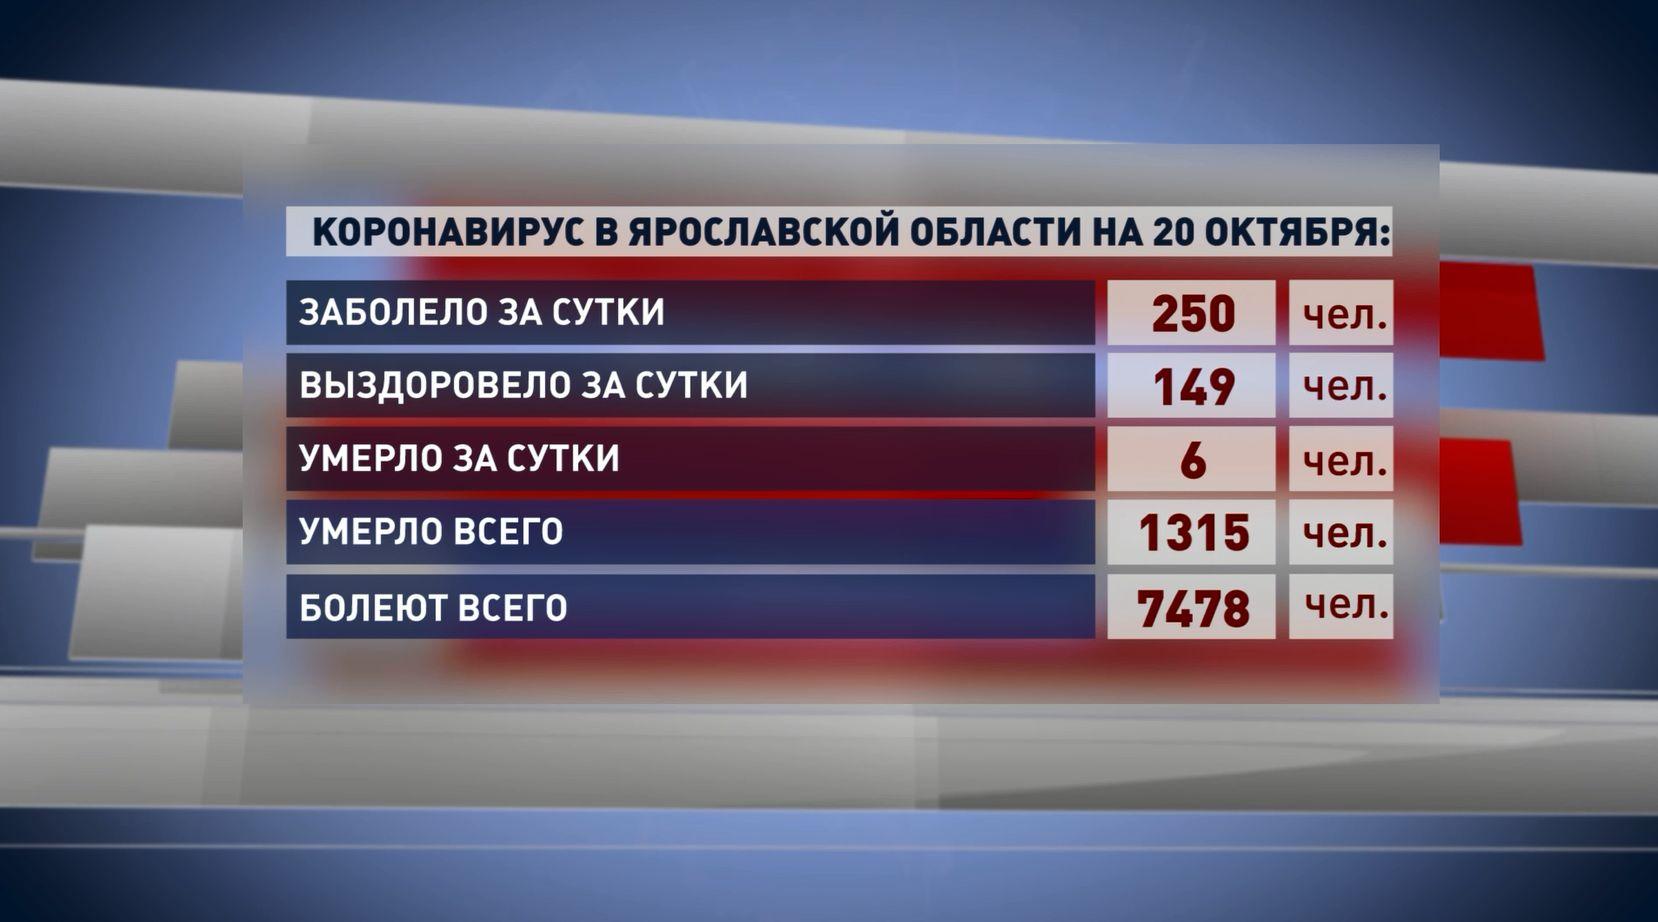 Новый антирекорд по заболеваемости коронавирусом в Ярославской области